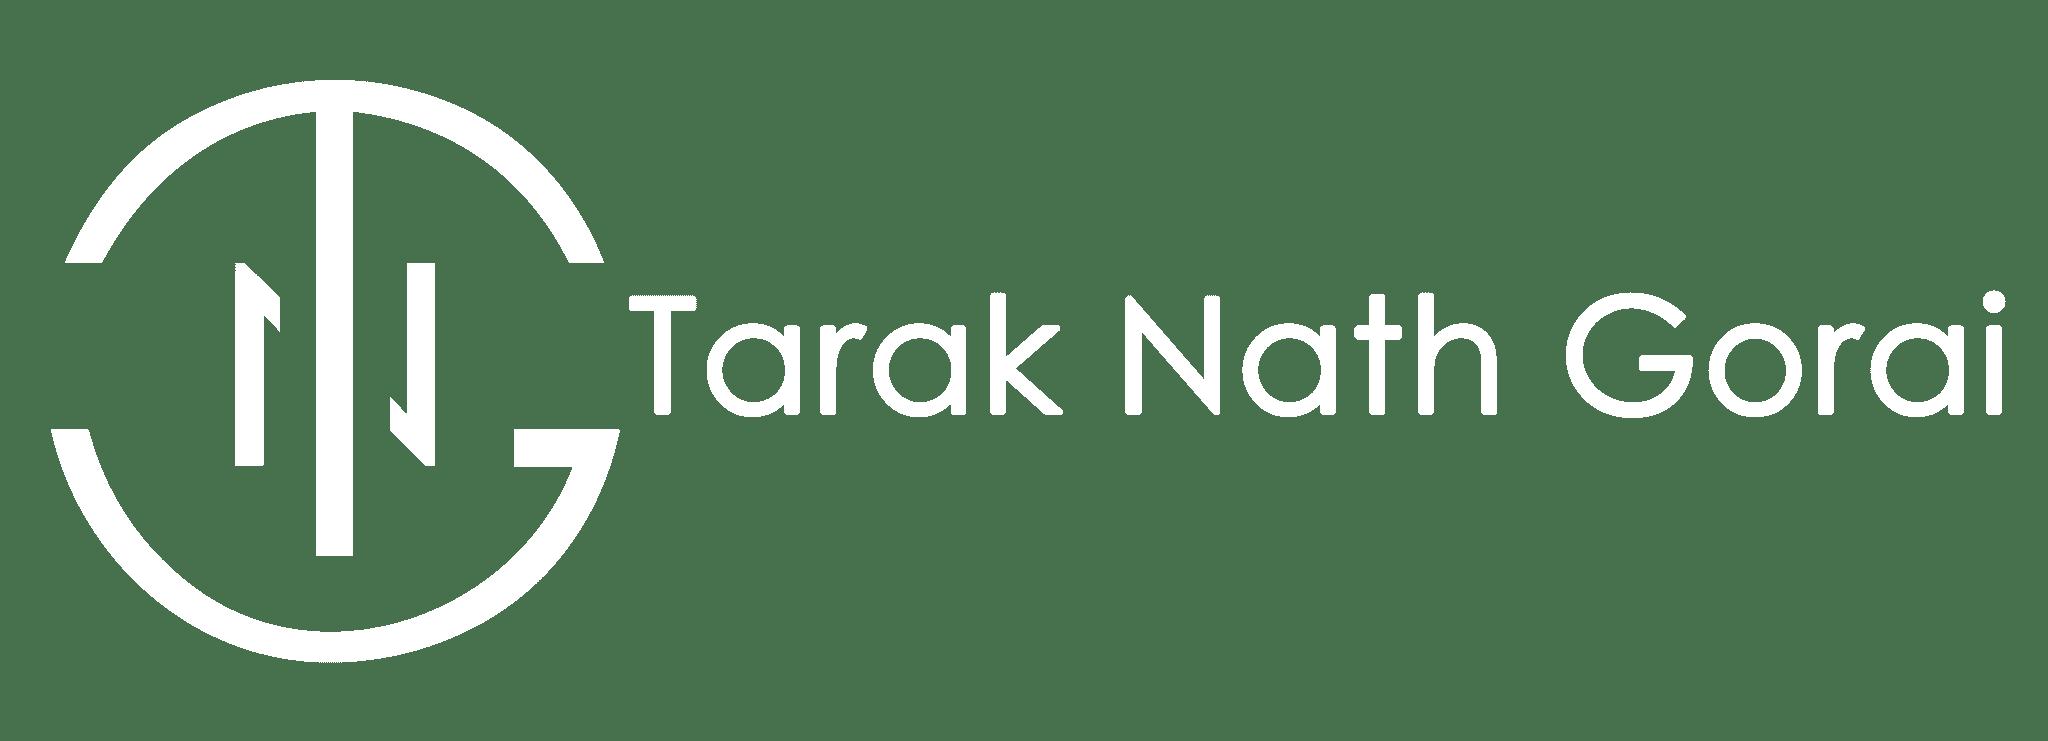 Tarak Nath Gorai Logo White